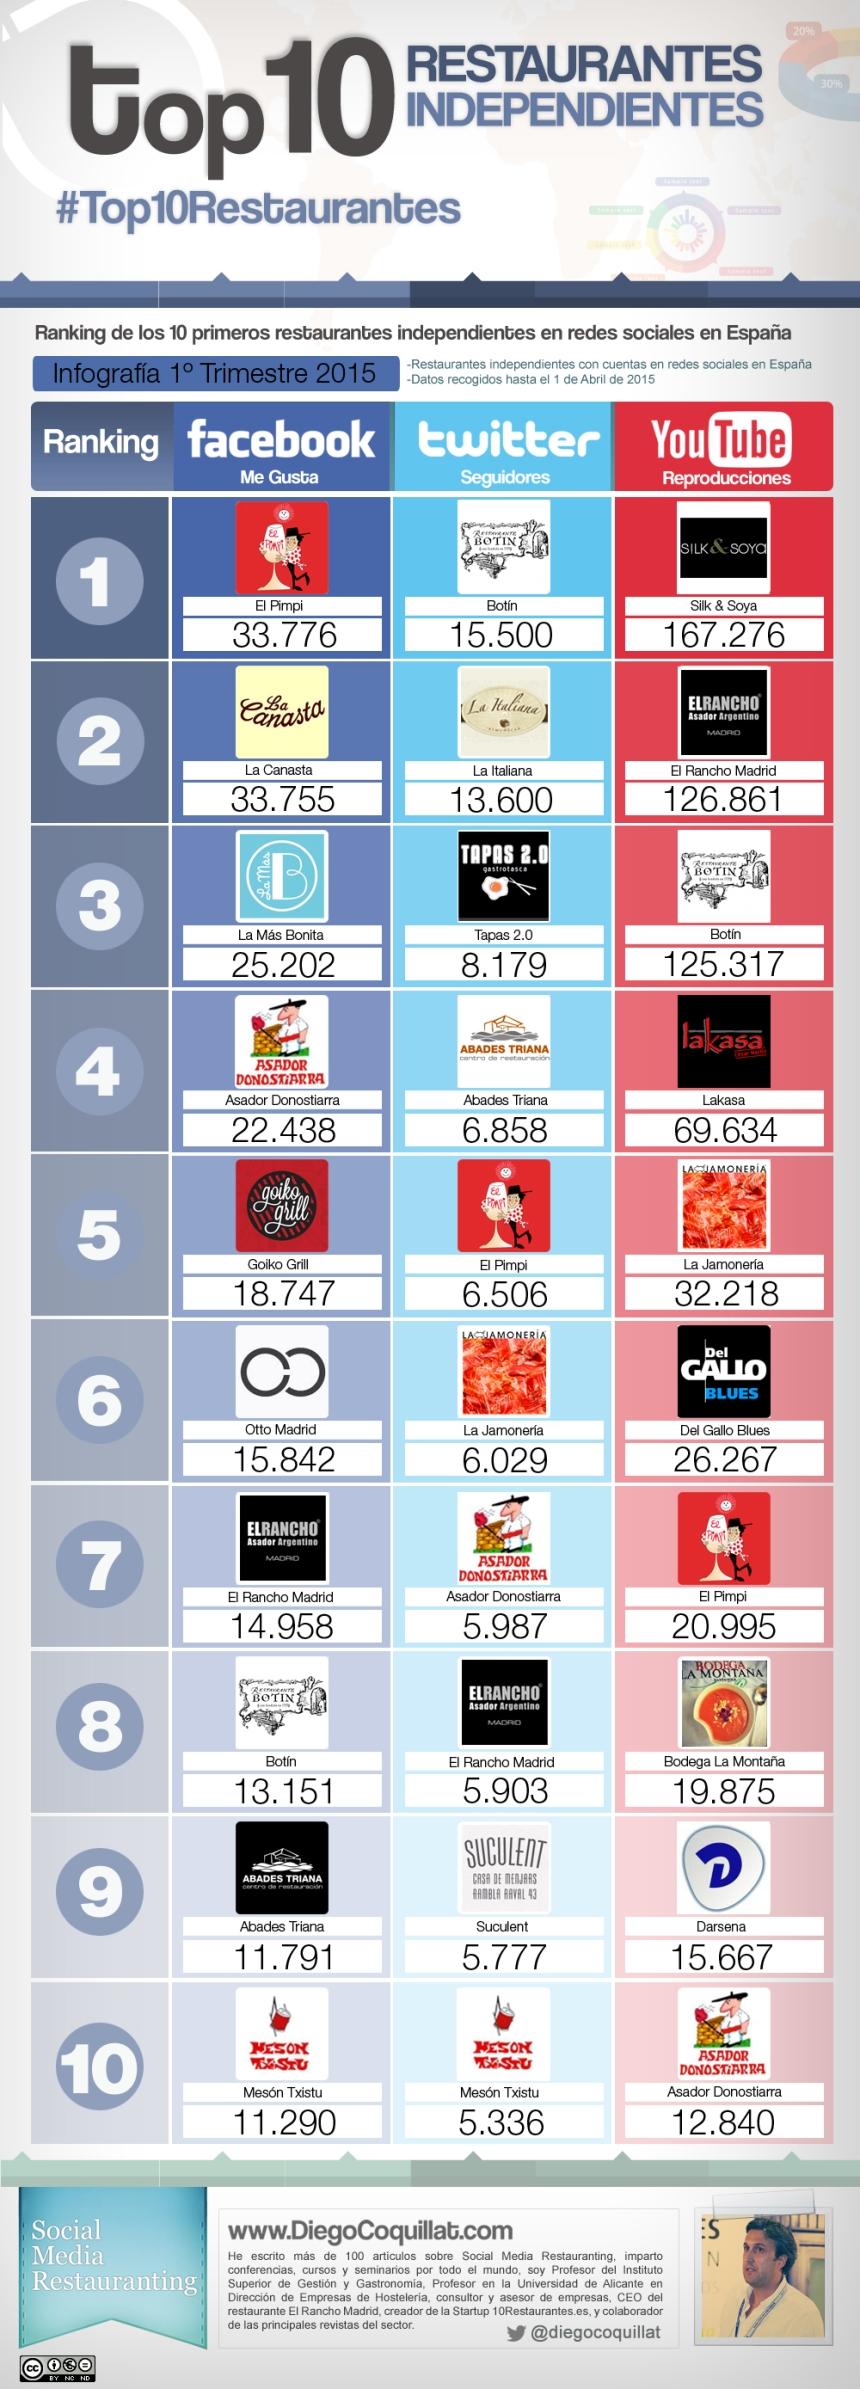 Top 10 restaurantes independientes en Redes Sociales España (1T/2015)